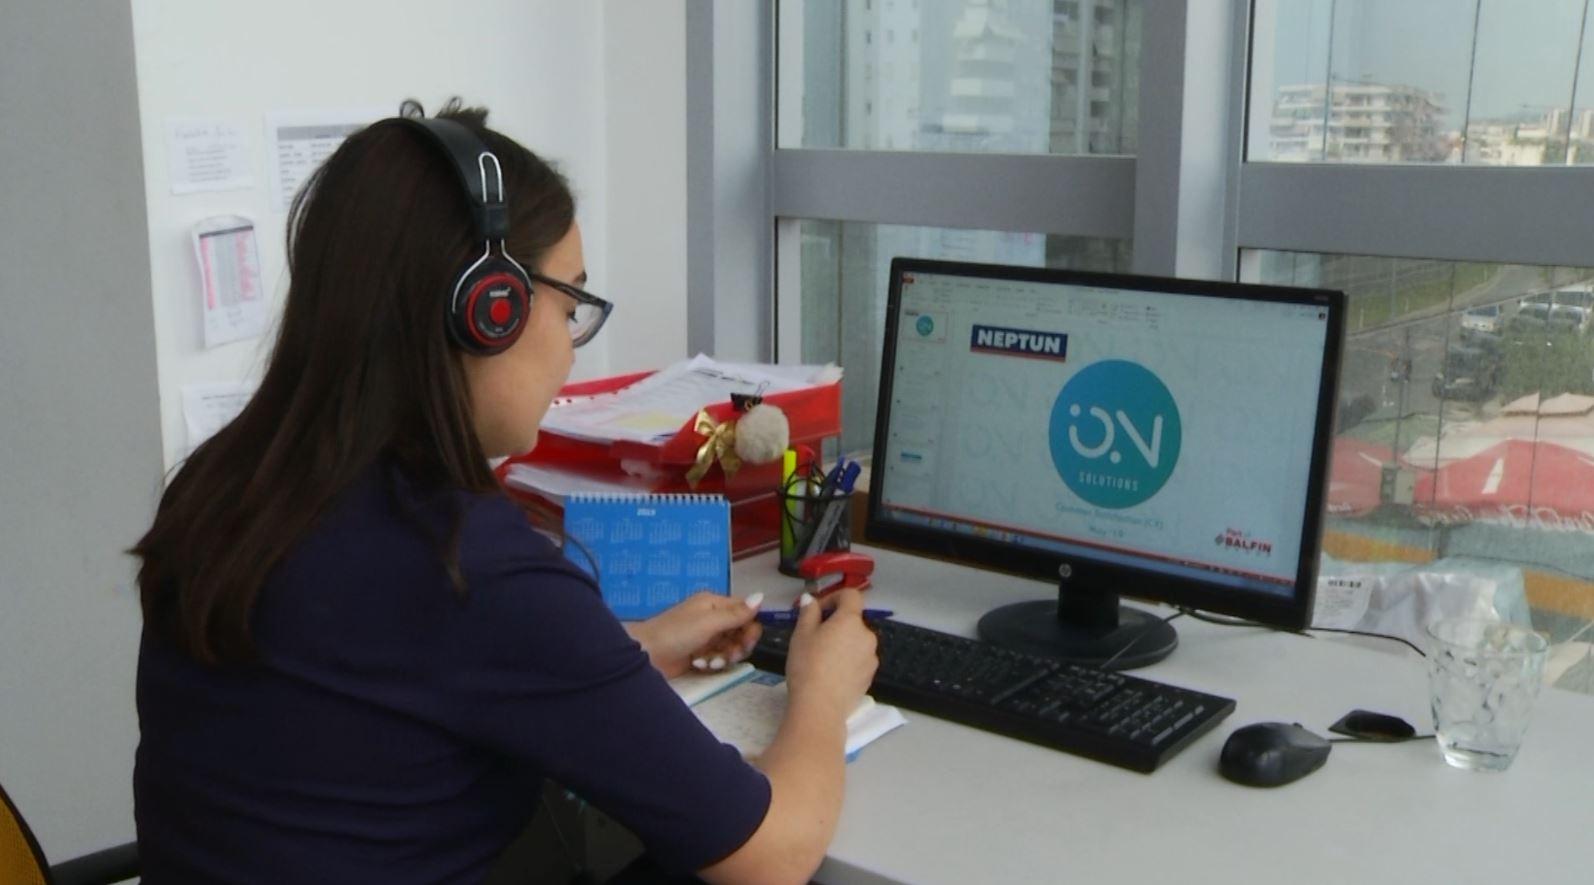 Kujdesi i klientit në Neptun, investime dhe vëmendje